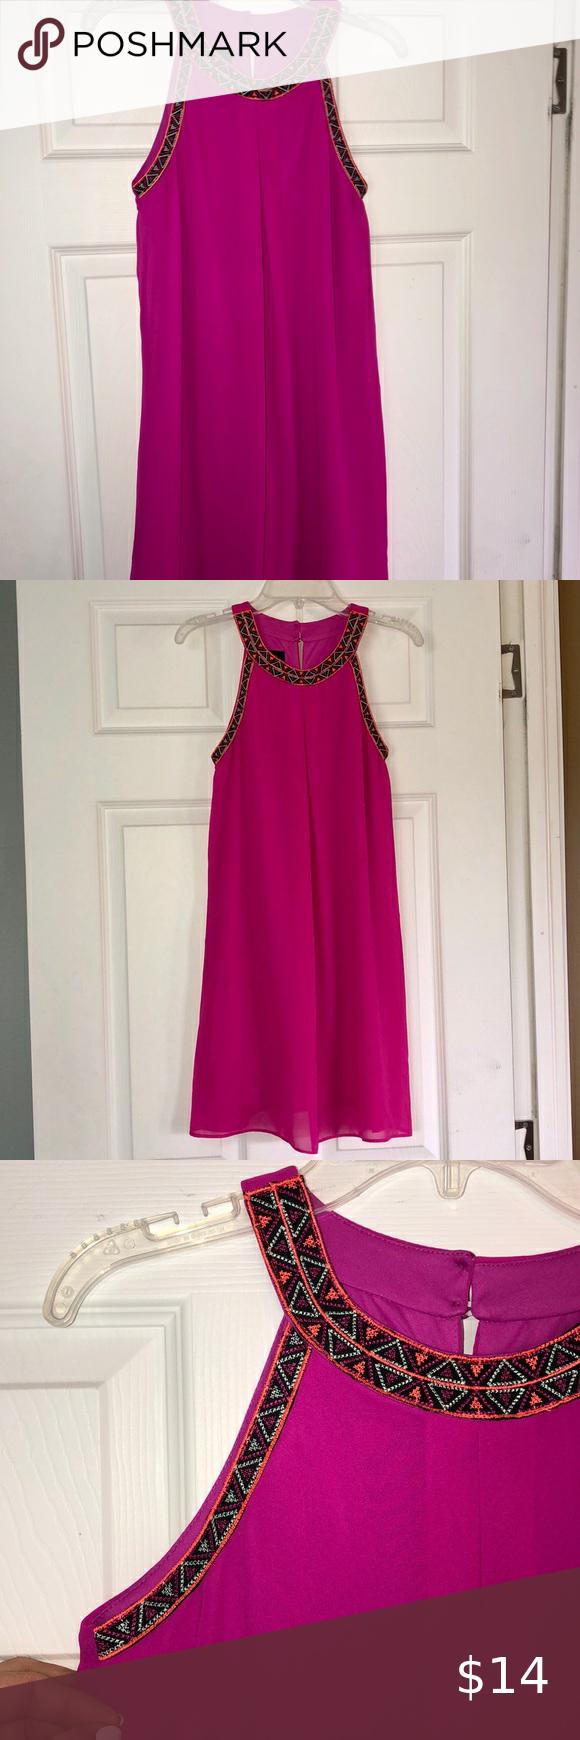 Girls Fuschia Summer Dress Summer Dresses Pretty Dresses Dresses [ 1740 x 580 Pixel ]